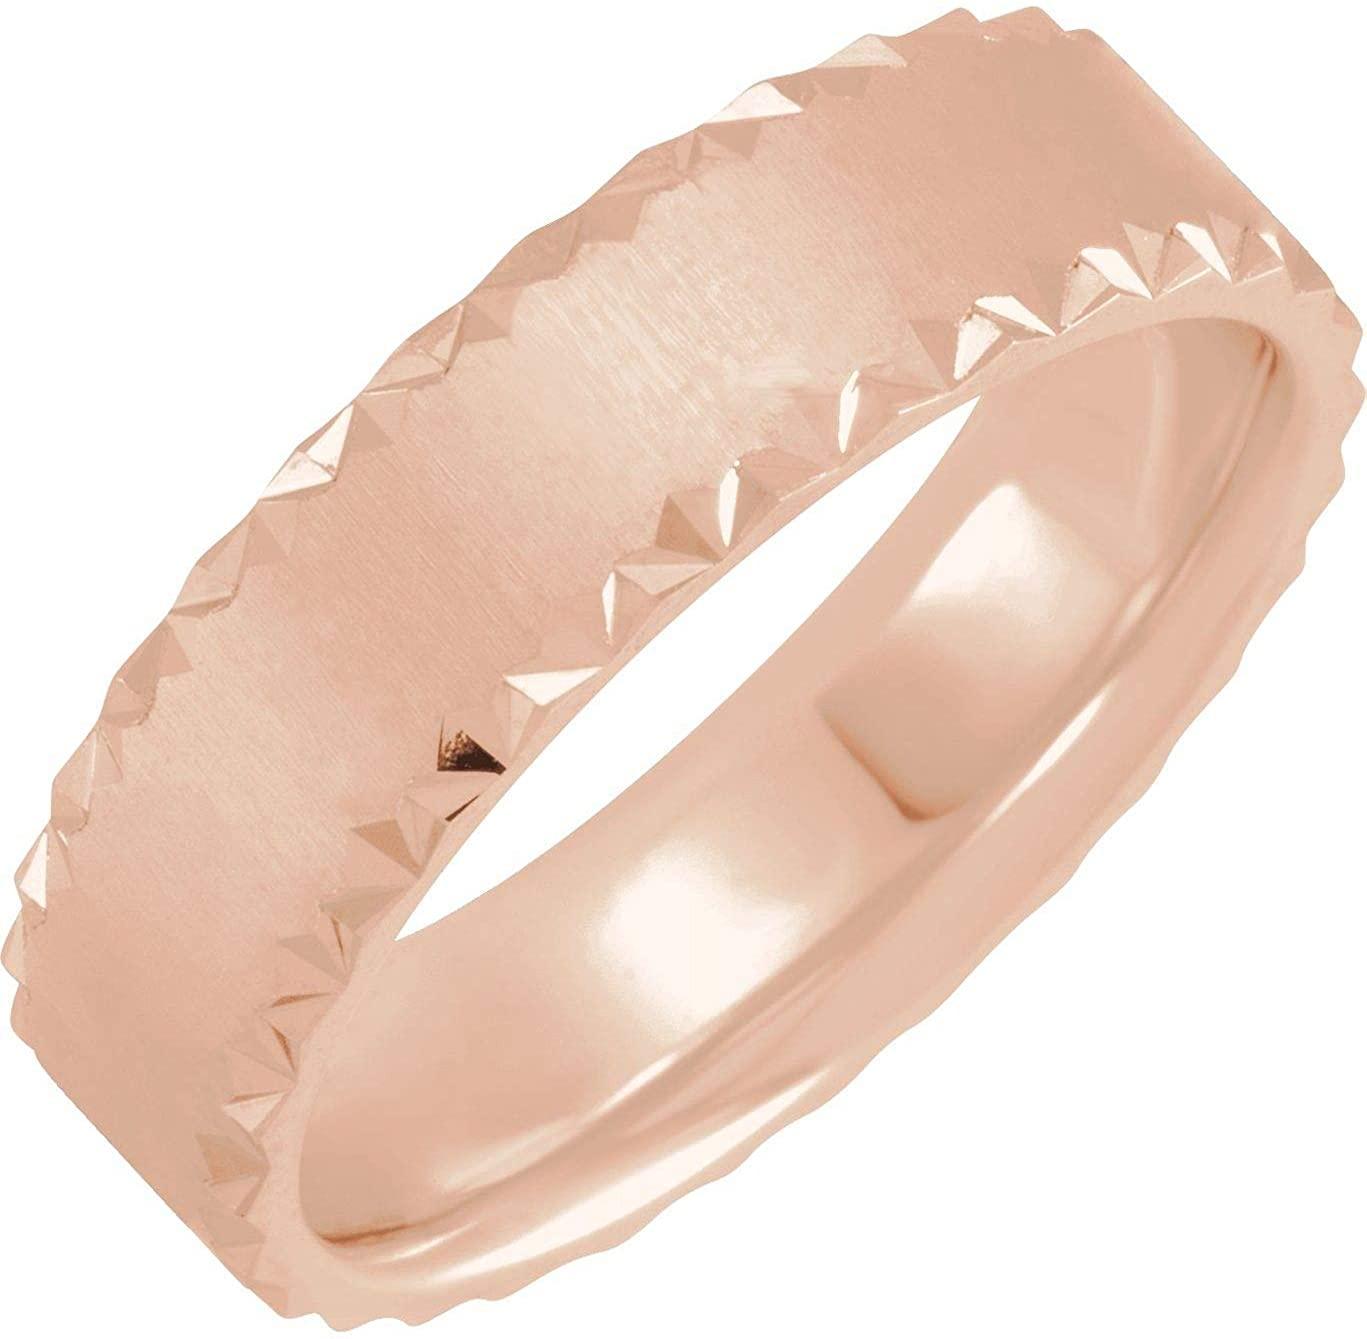 Bonyak Jewelry 10k Rose Gold 6mm Scalloped Edge Band with Satin Finish - Size 9